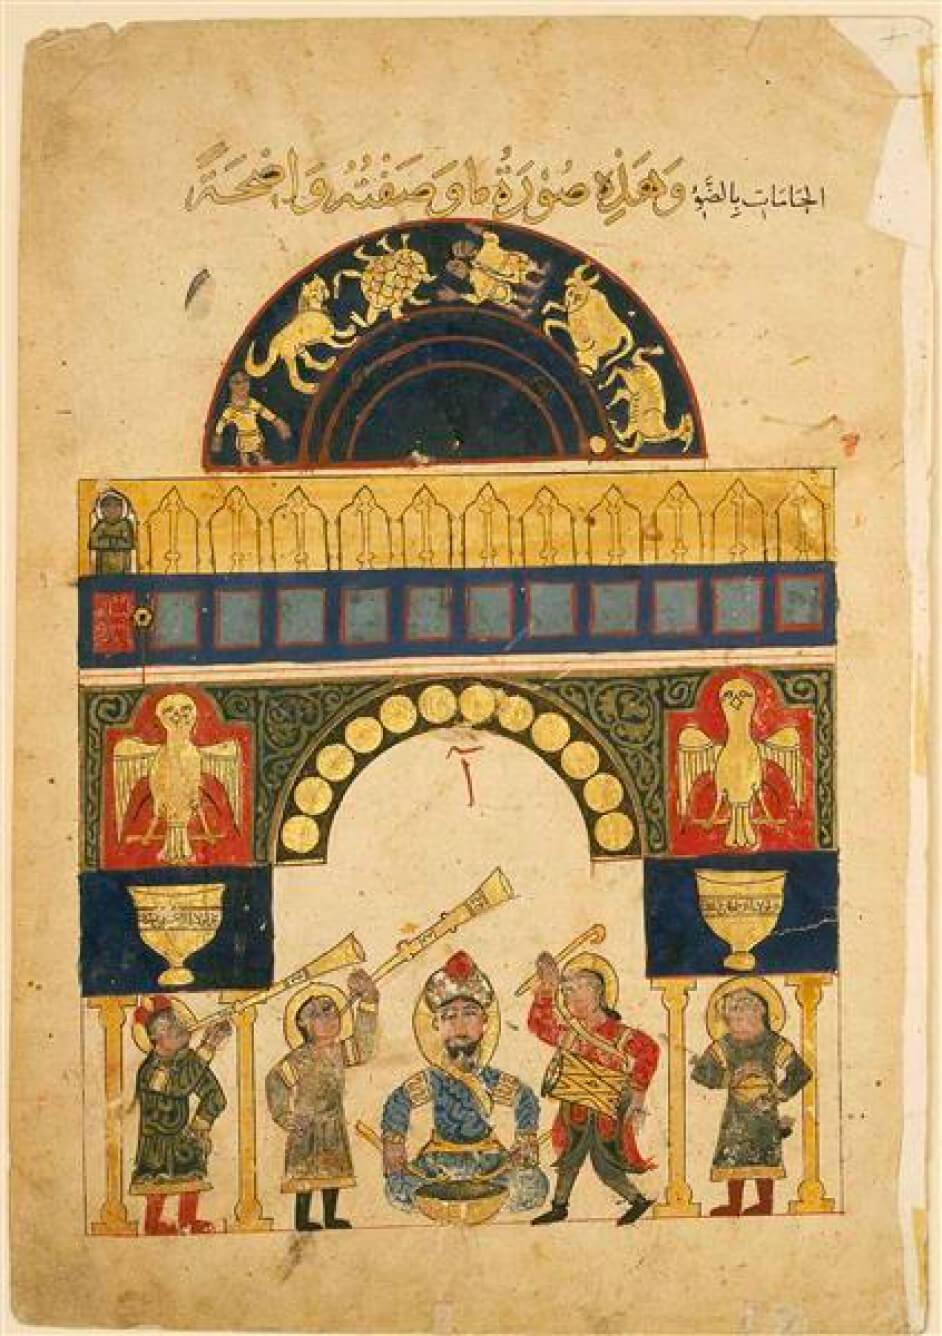 Al-Jazari's castle clock